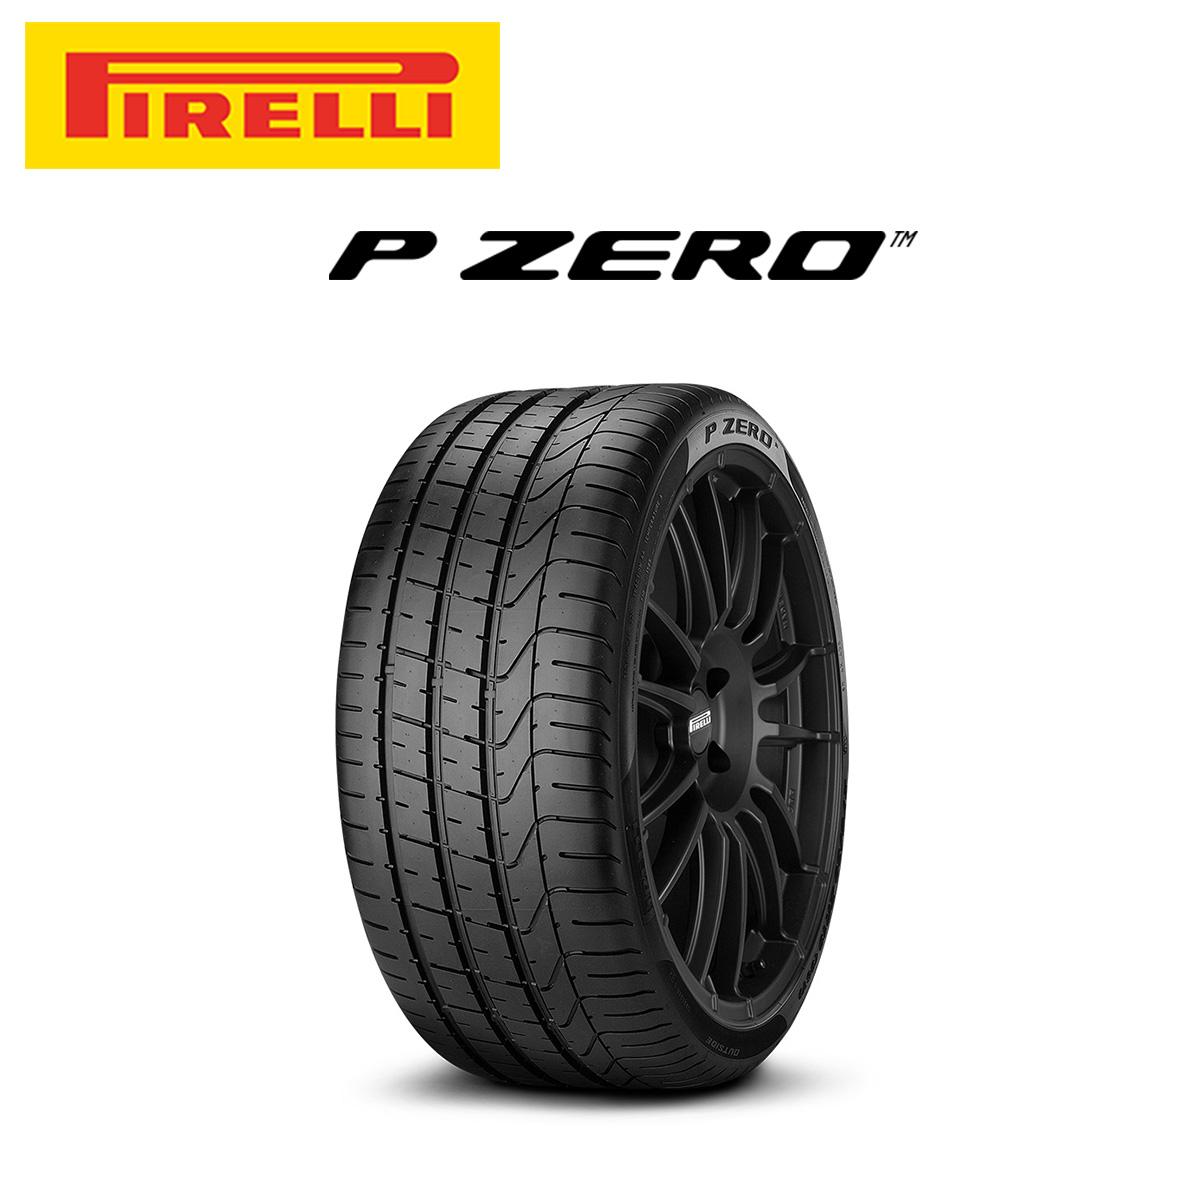 ピレリ PIRELLI P ZERO ピーゼロ 19インチ サマー タイヤ 4本 セット 245/40ZR19 94Y J:ジャガー承認タイヤ 2218200